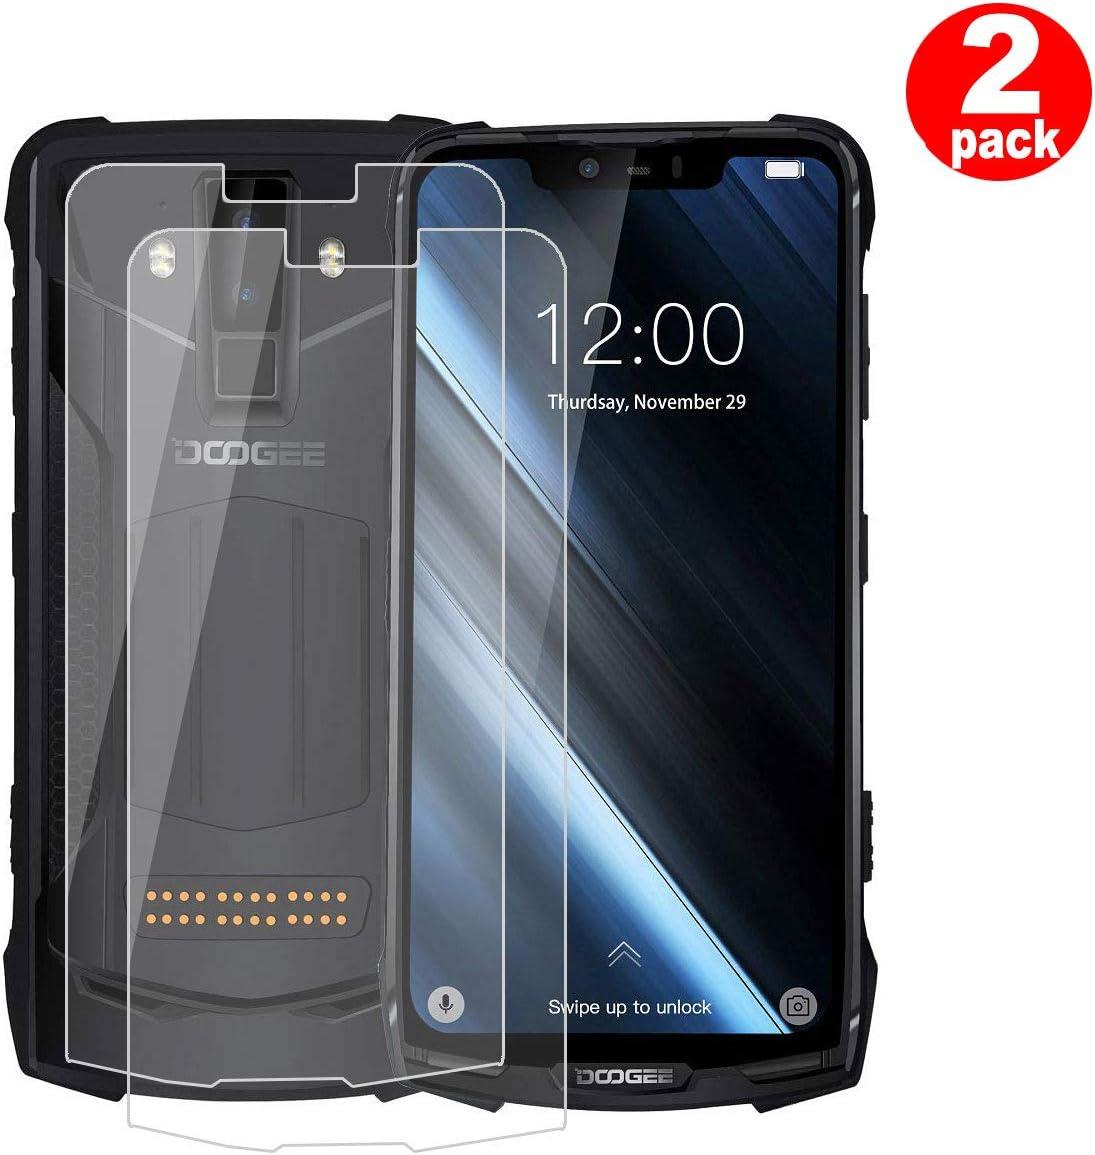 QFSM 2 Pack Película Protectora para DOOGEE S90, Resistente al ...